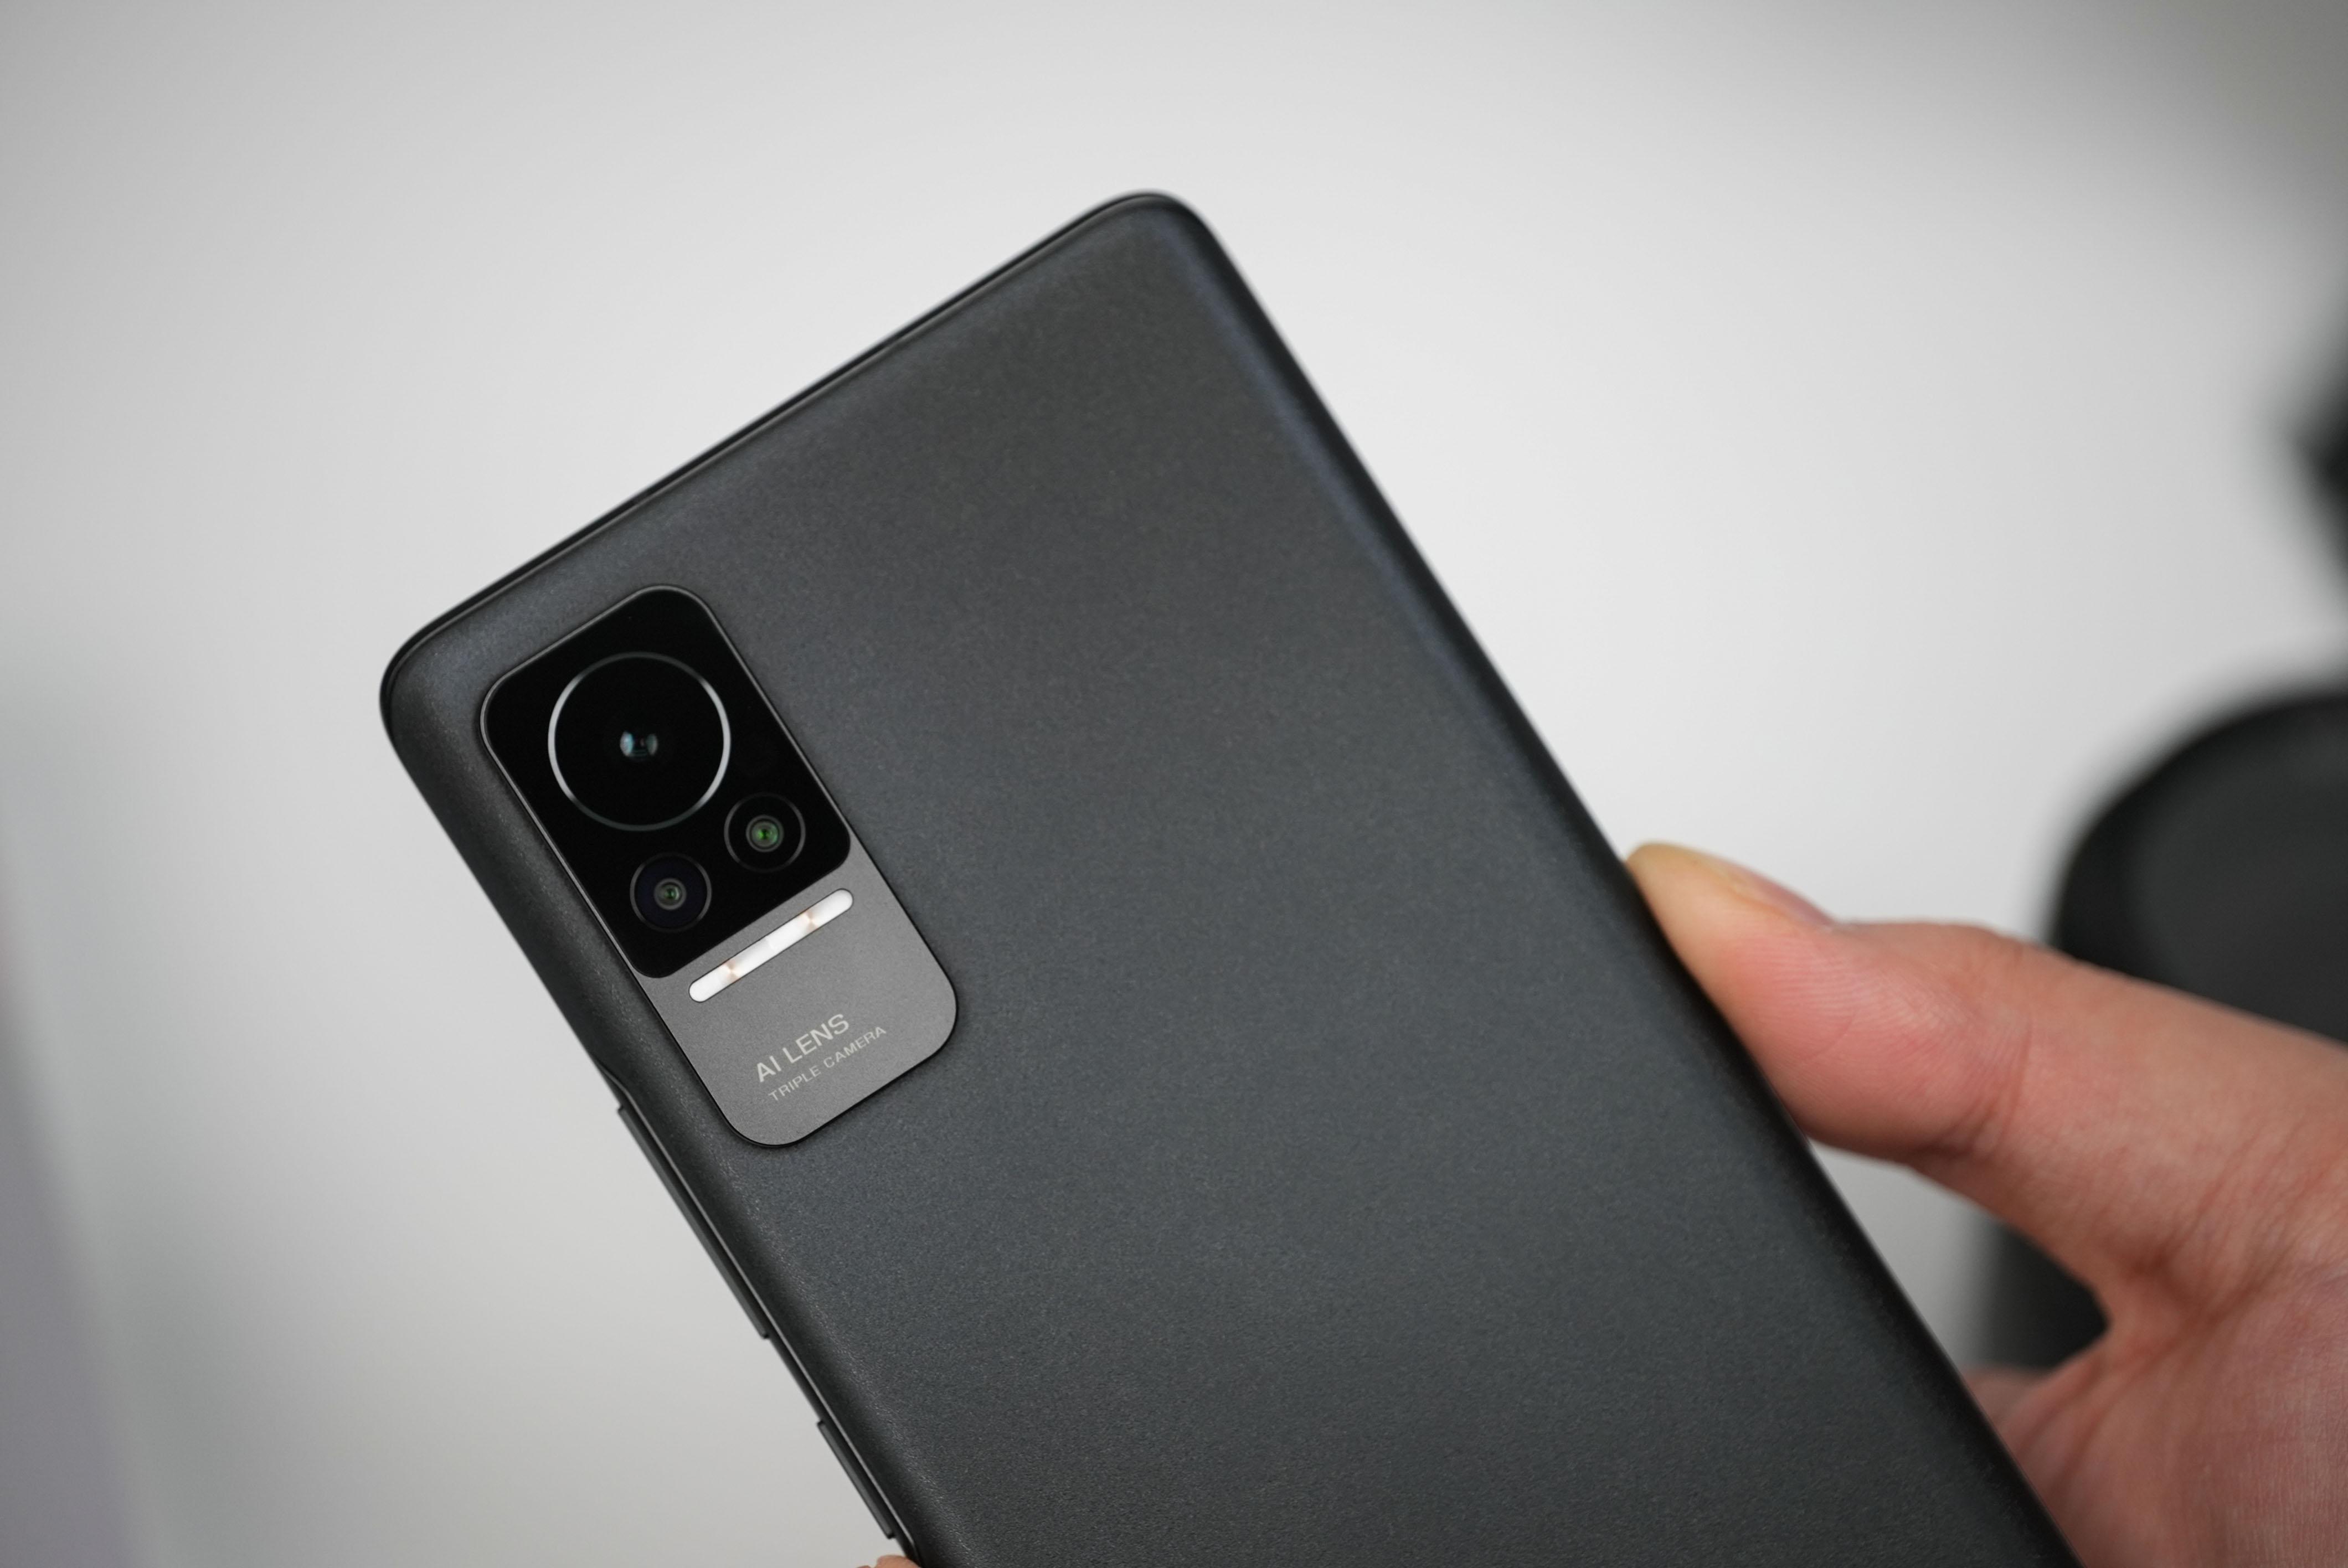 小米 Civi 后置 AI 三摄主角相机,包括:6400 万像素高清主摄、超广角、微距,三颗镜头覆盖日常场景,其主角镜头支持大光圈模式,可虚化背景,突出主体。